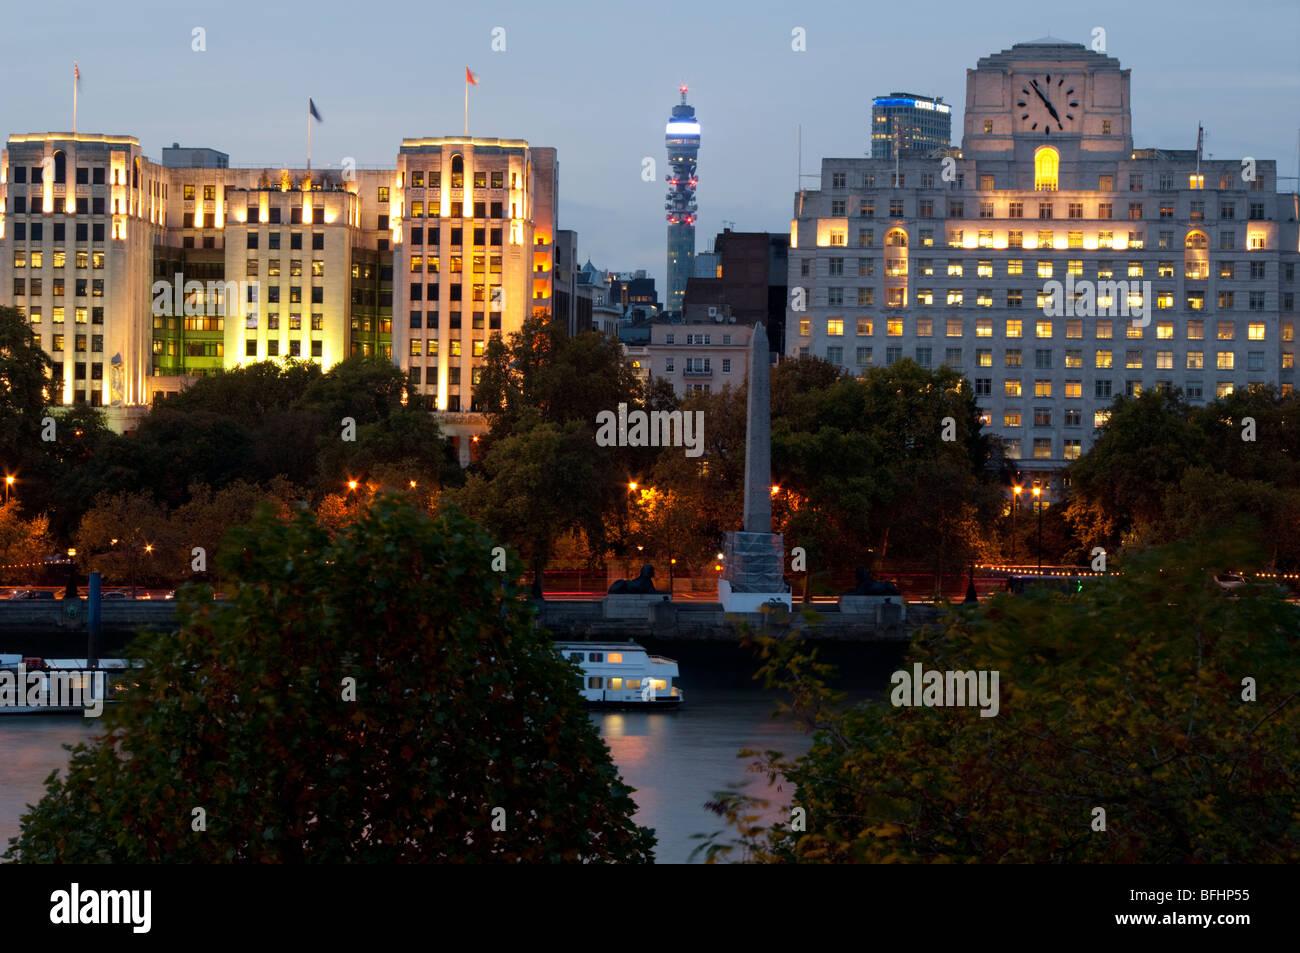 Europe, UK, england, London, embankment, telecom tower dusk - Stock Image